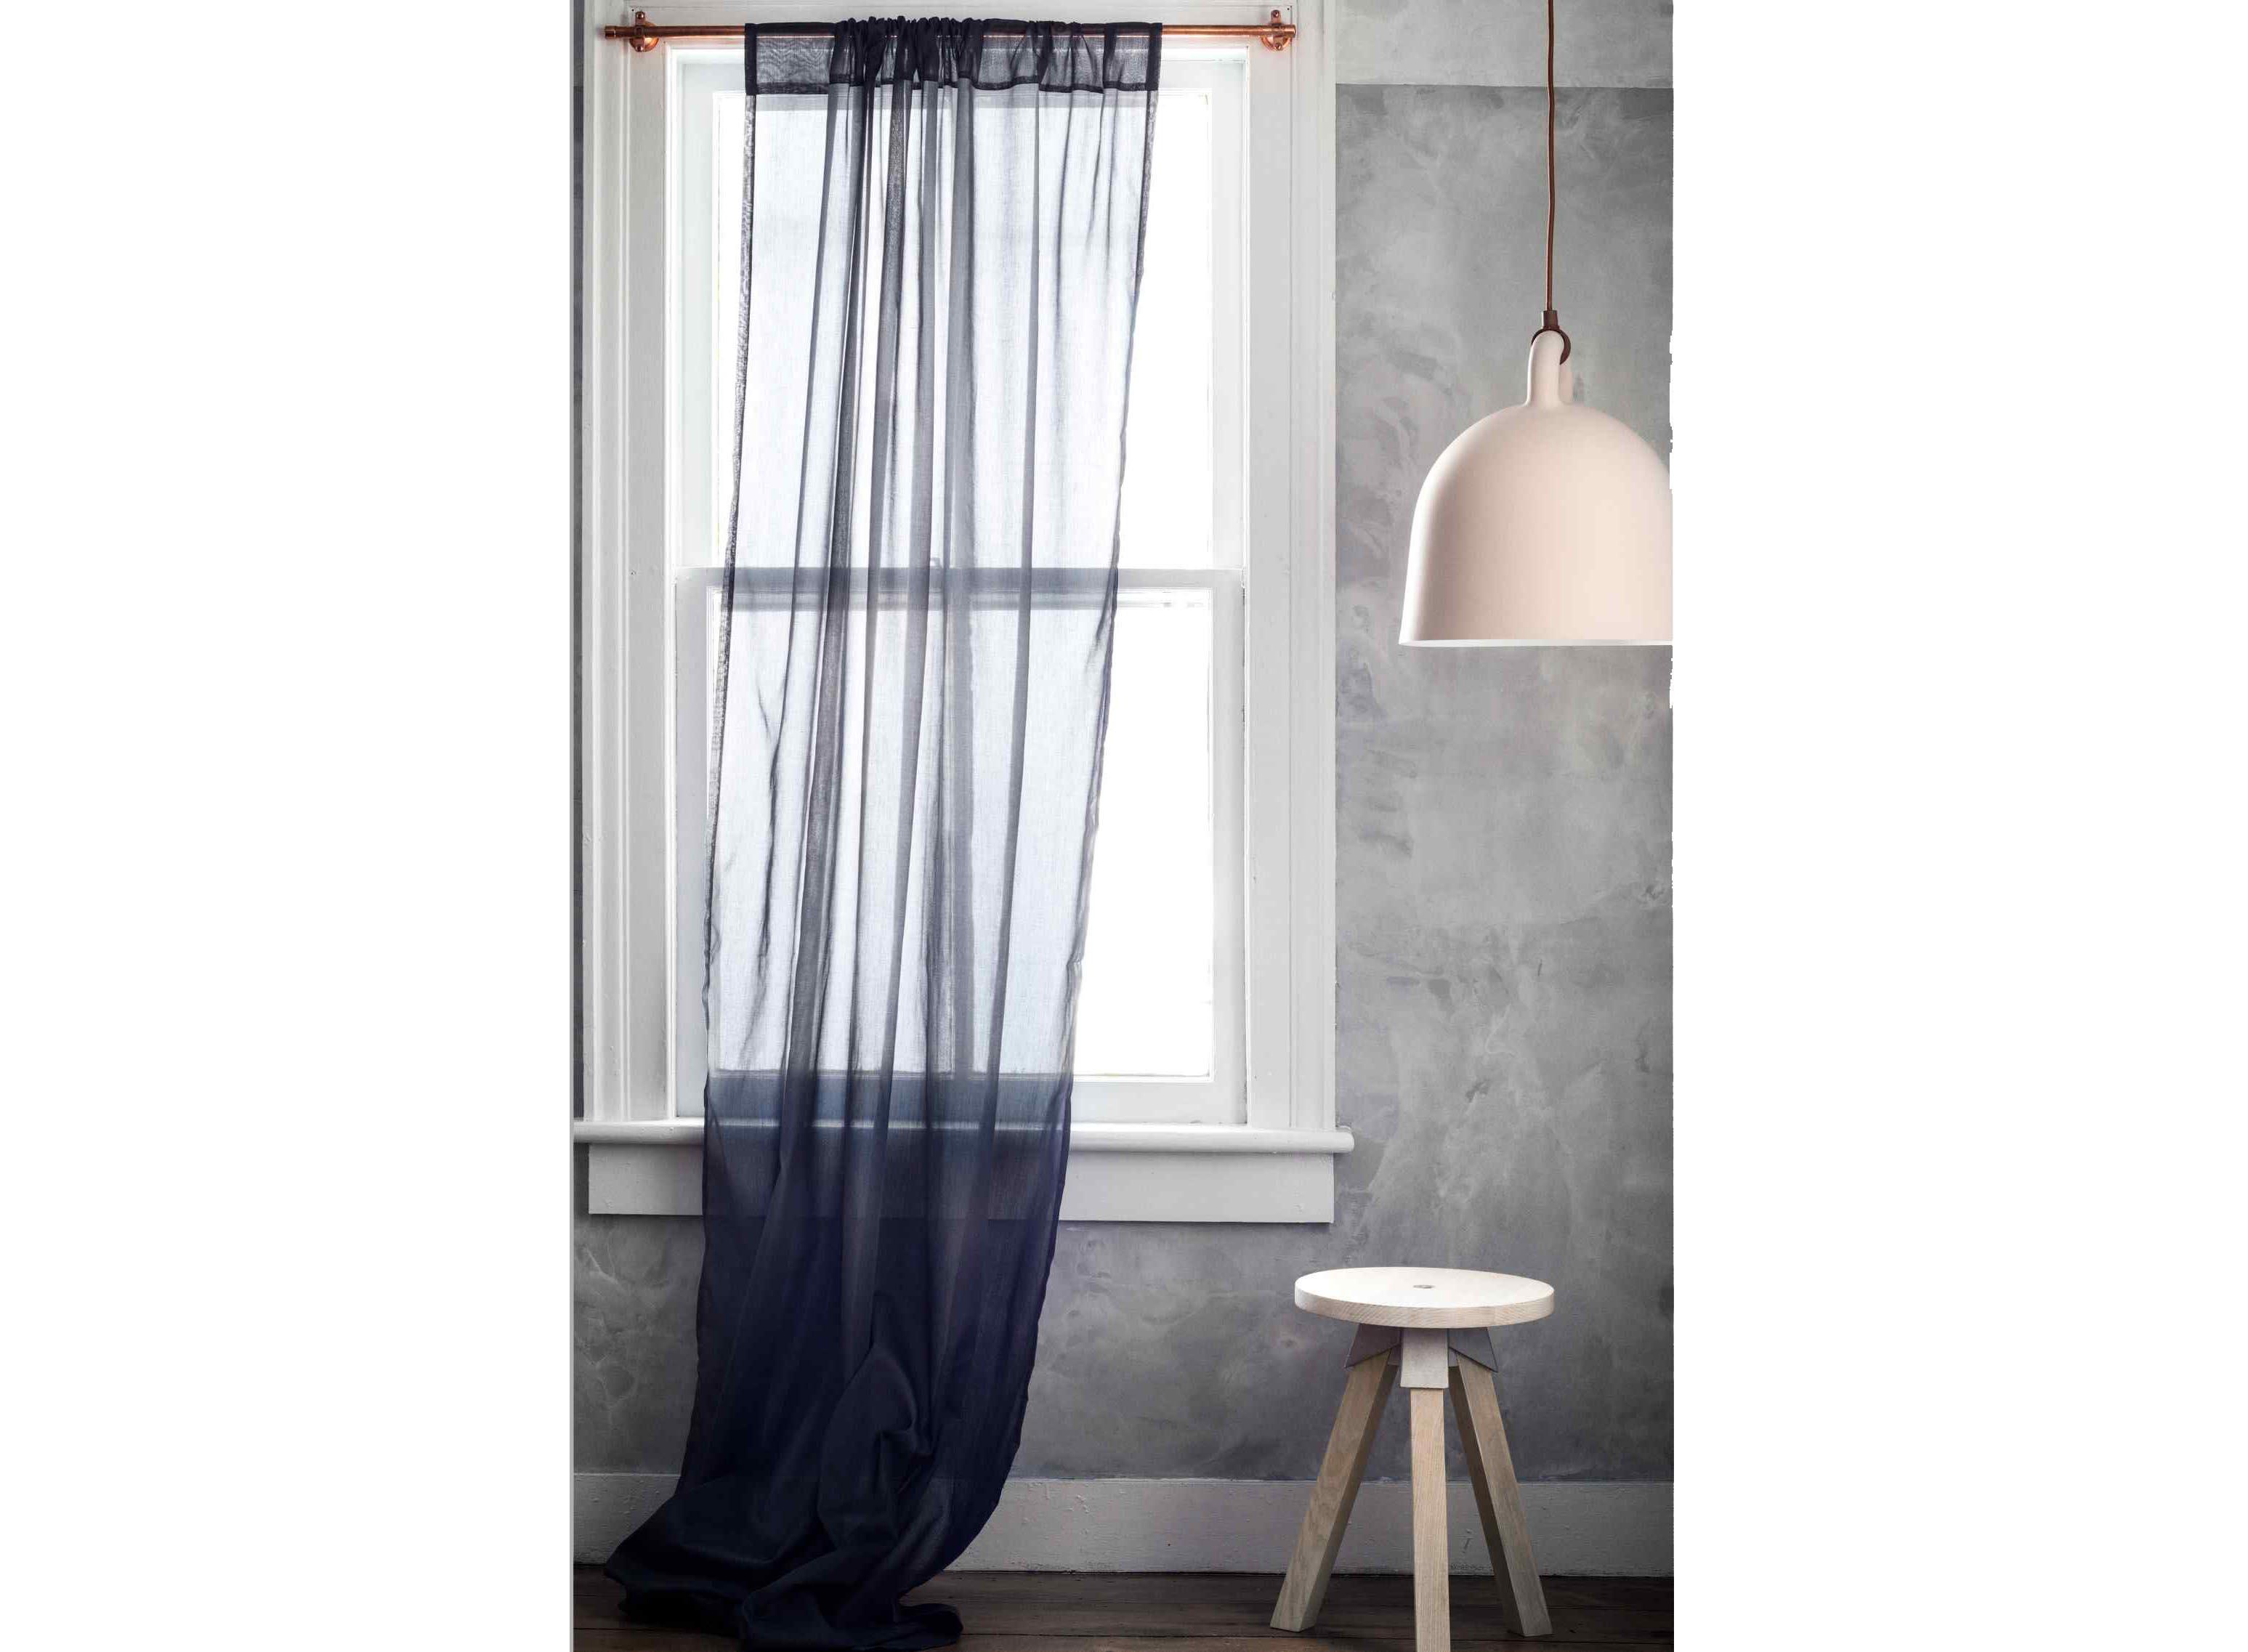 maison du rideau dcoration tradition homemaison rideau. Black Bedroom Furniture Sets. Home Design Ideas